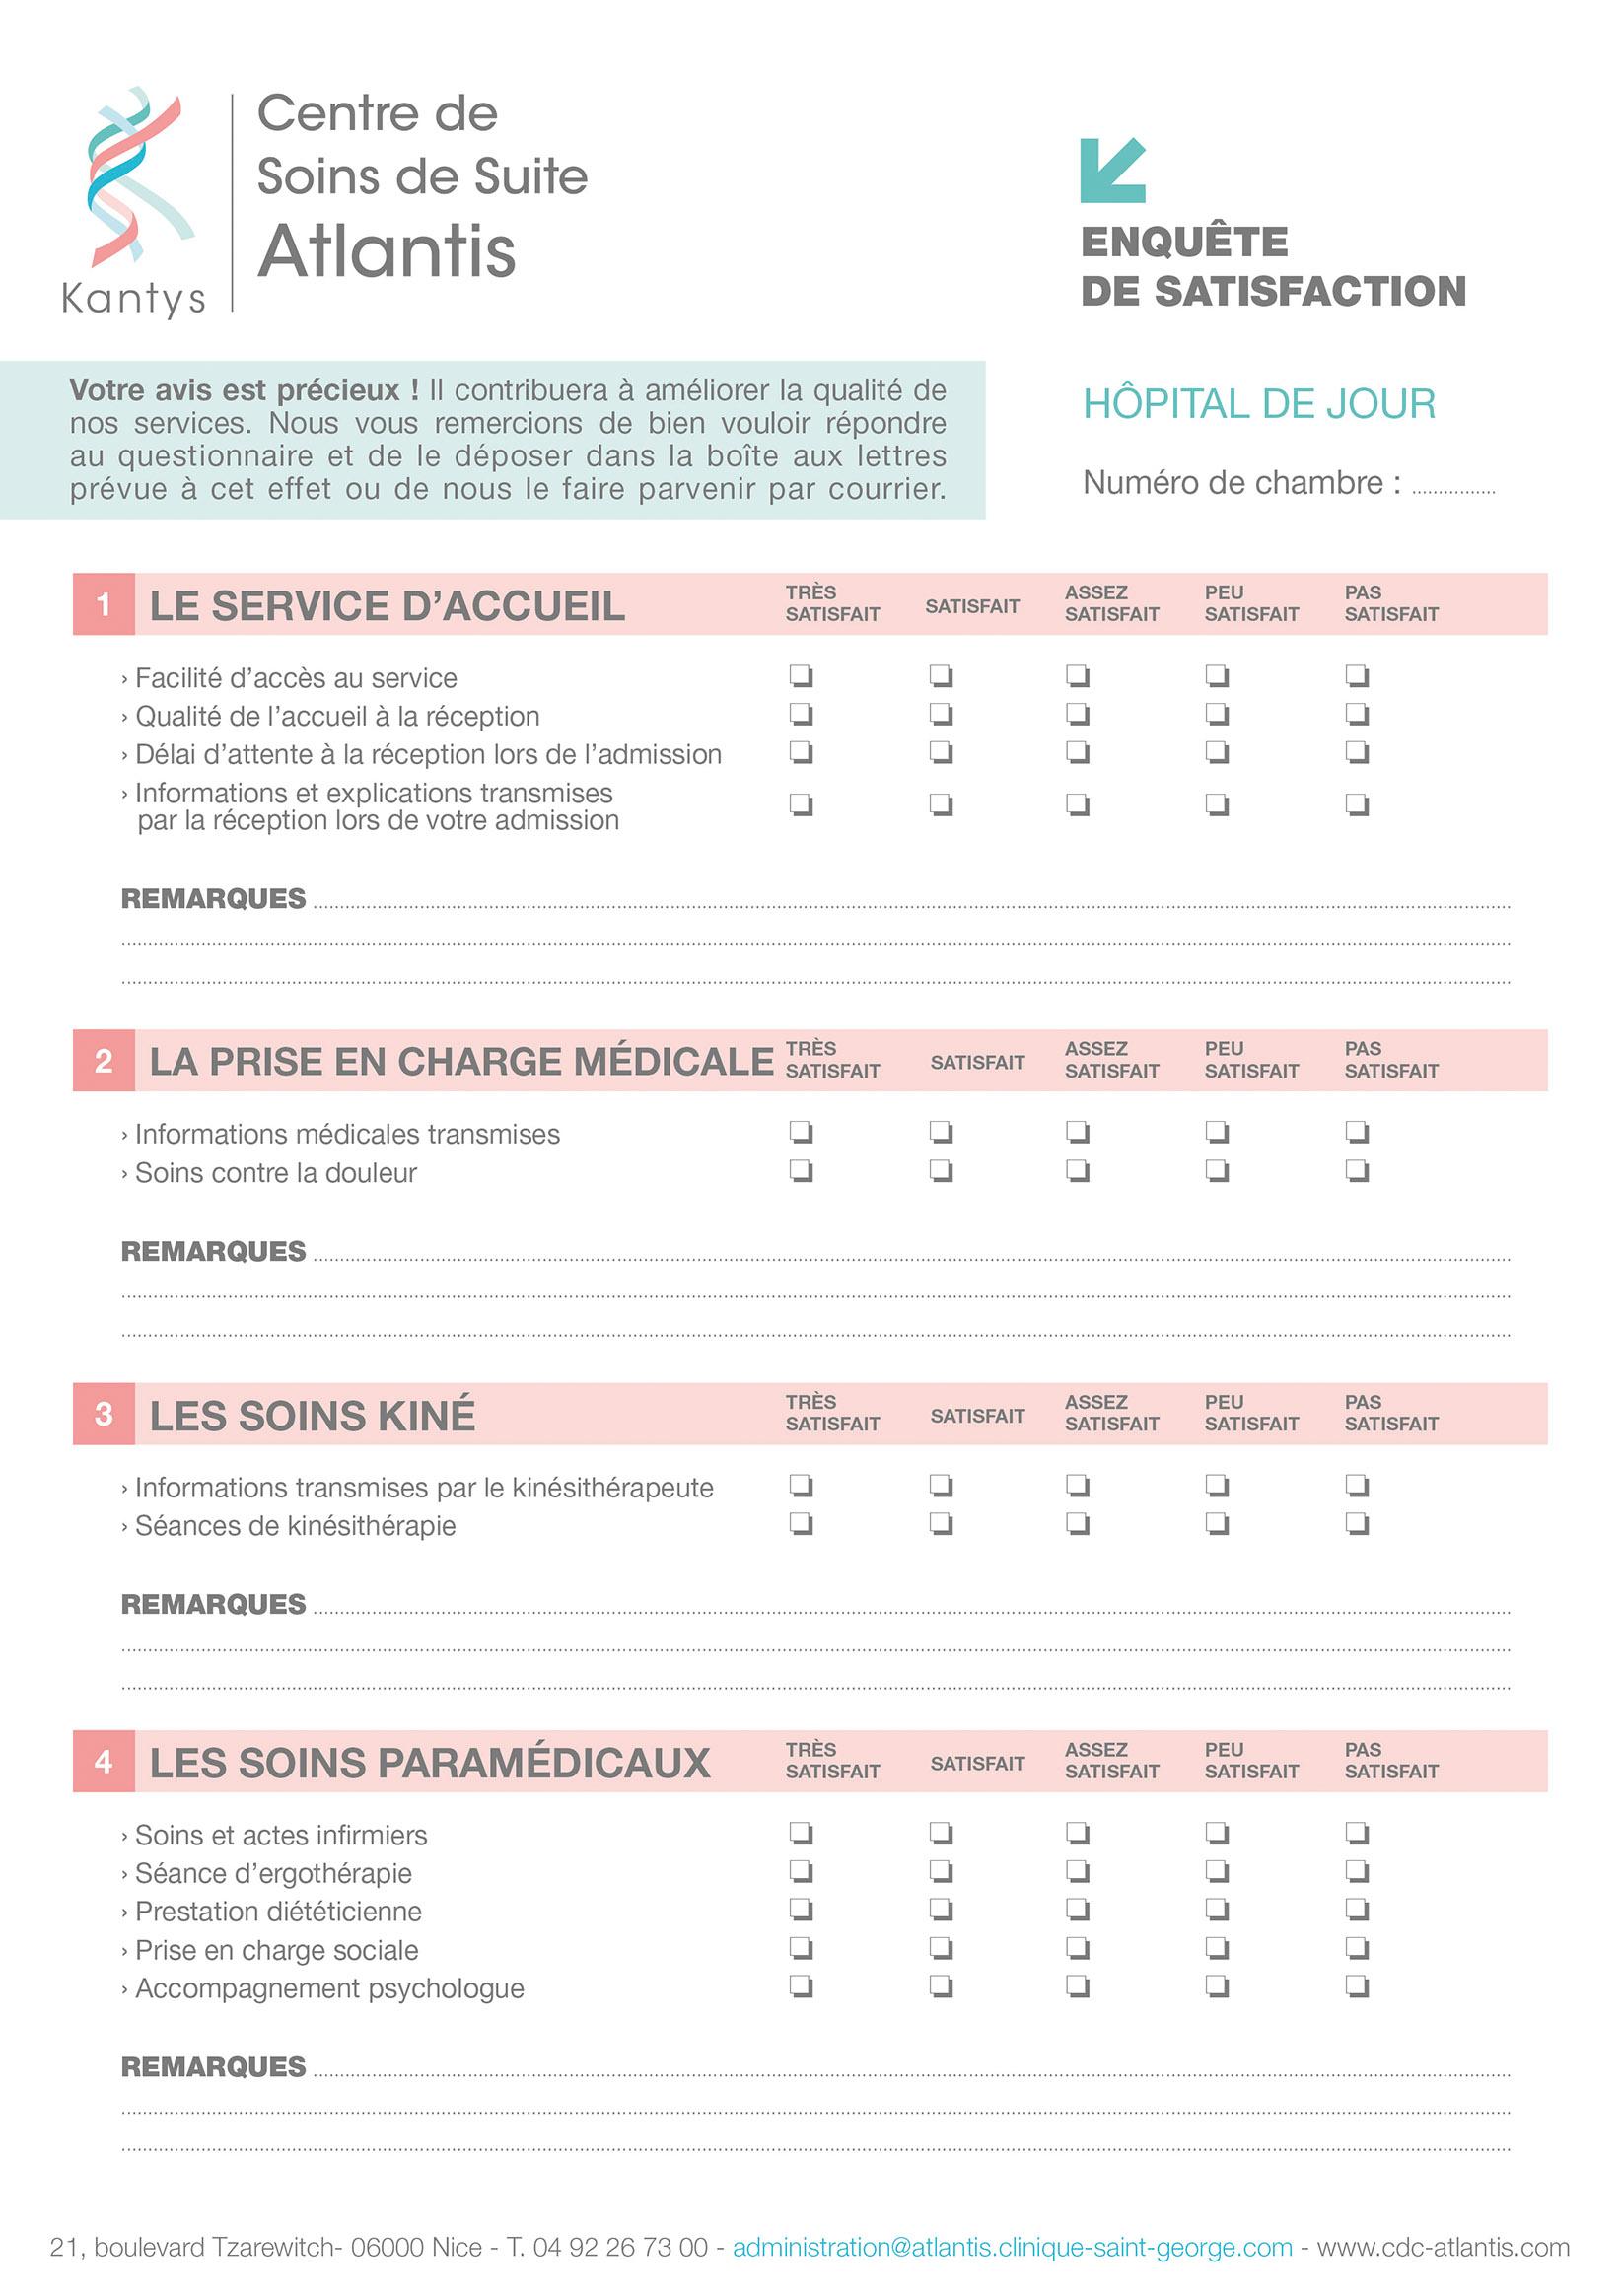 enquete-hopital-jour-atlantis-03-2019